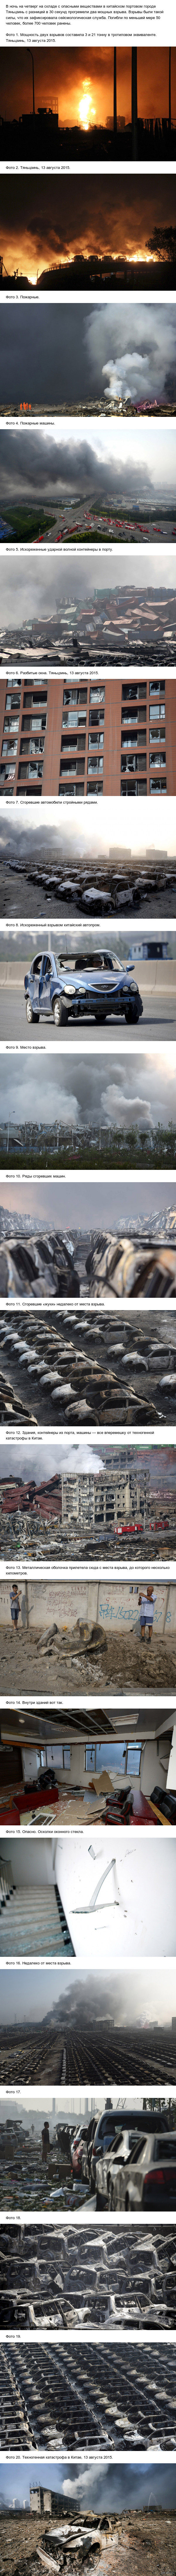 Техногенная катастрофа в Китае Оригинал новости здесь http://loveopium.ru/